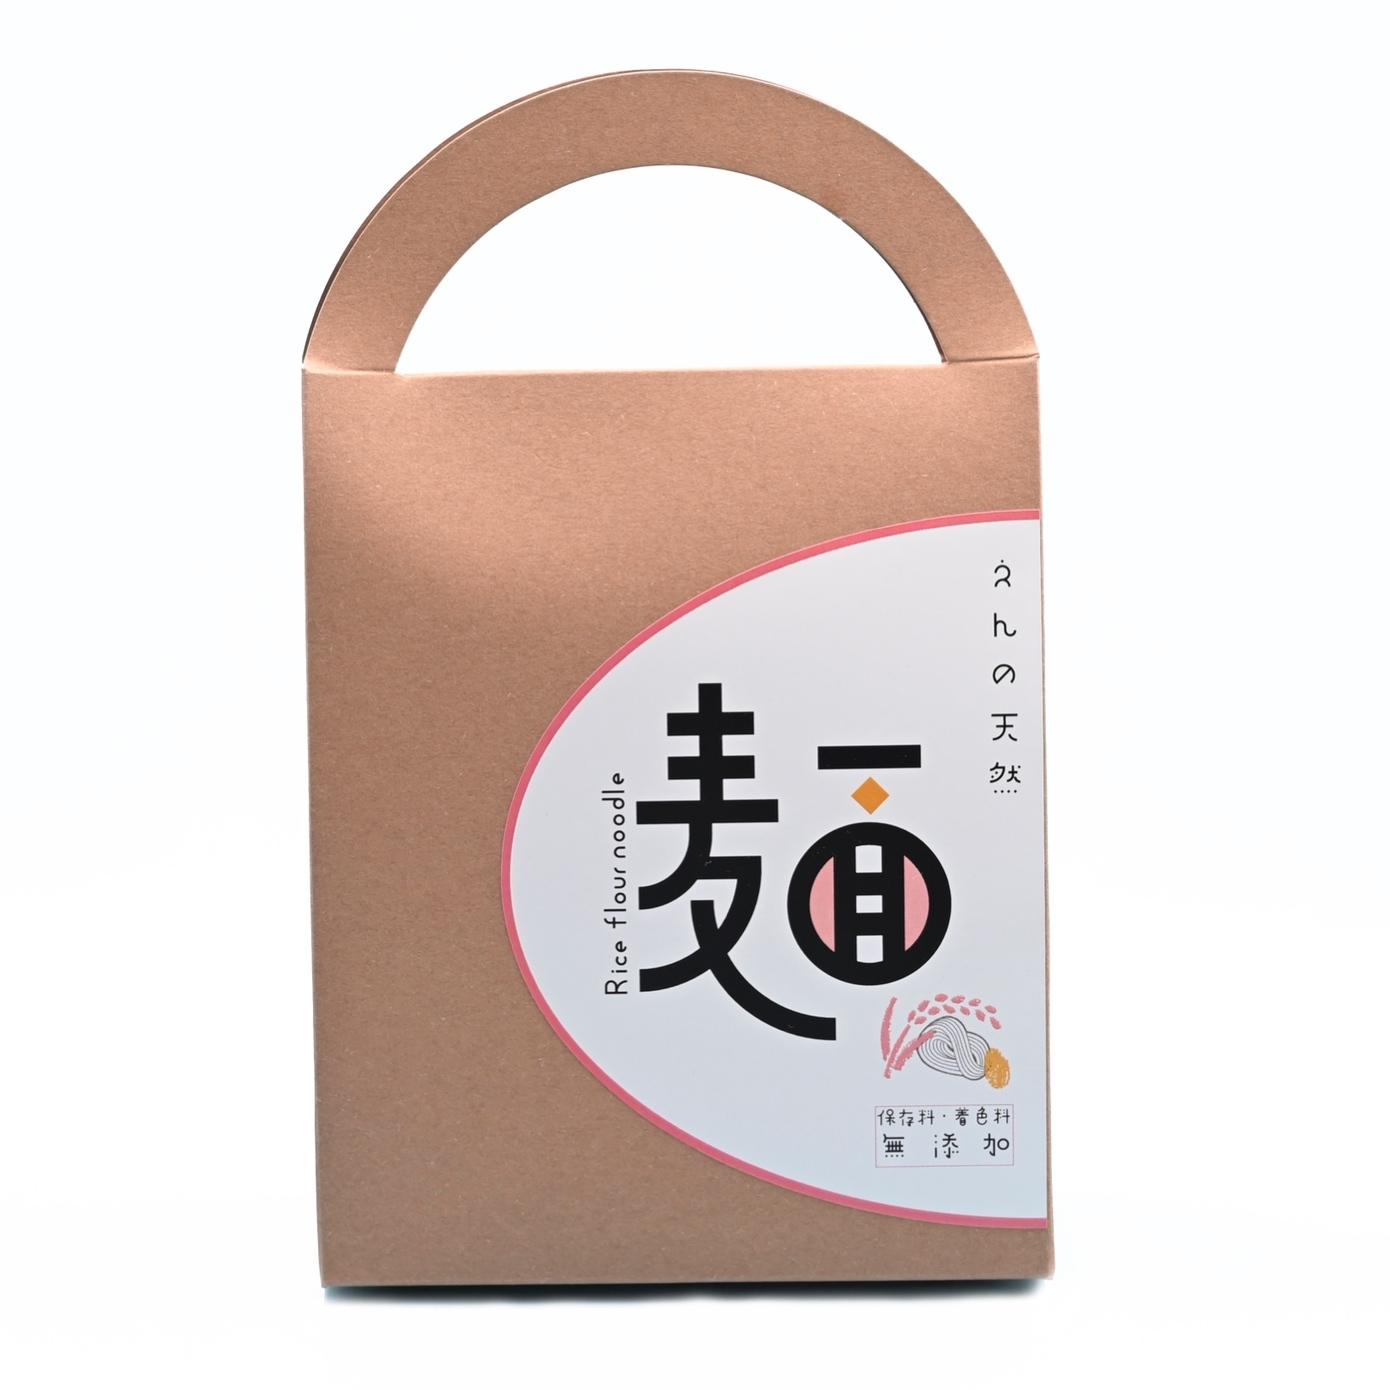 えんの天然「麺」 200g(100g×2袋)